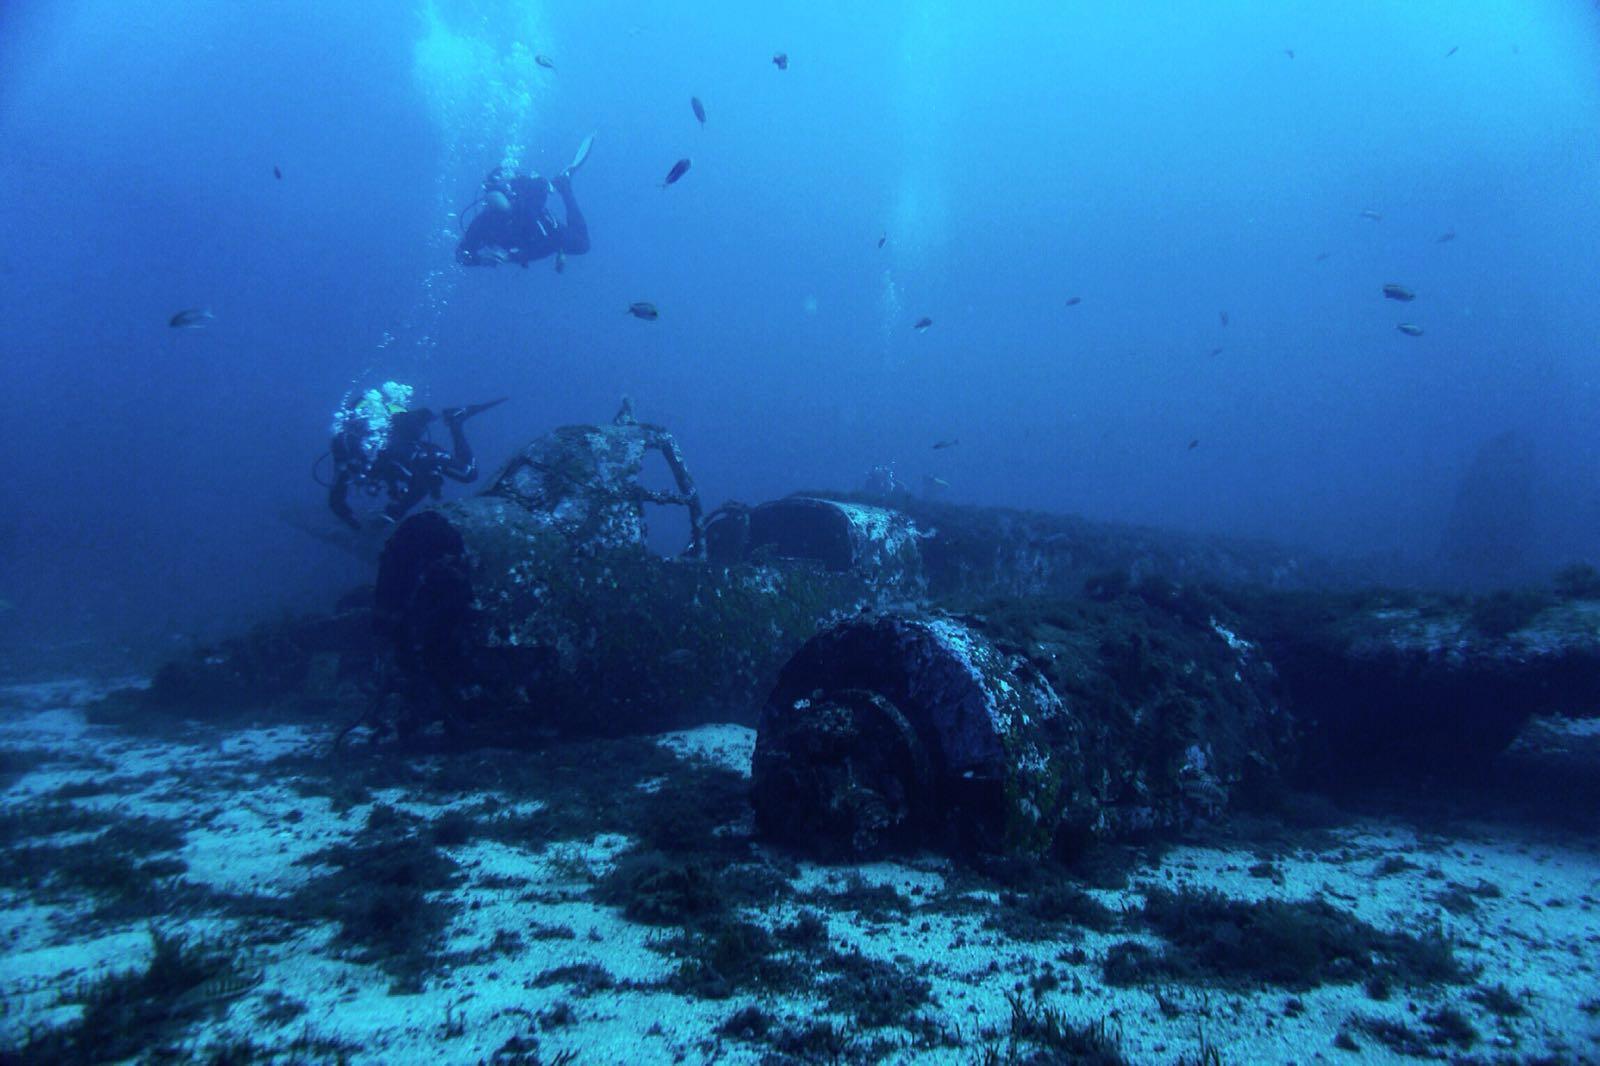 inmersión avión sumergido, Menorca, Immersion submerged plane, Menorca